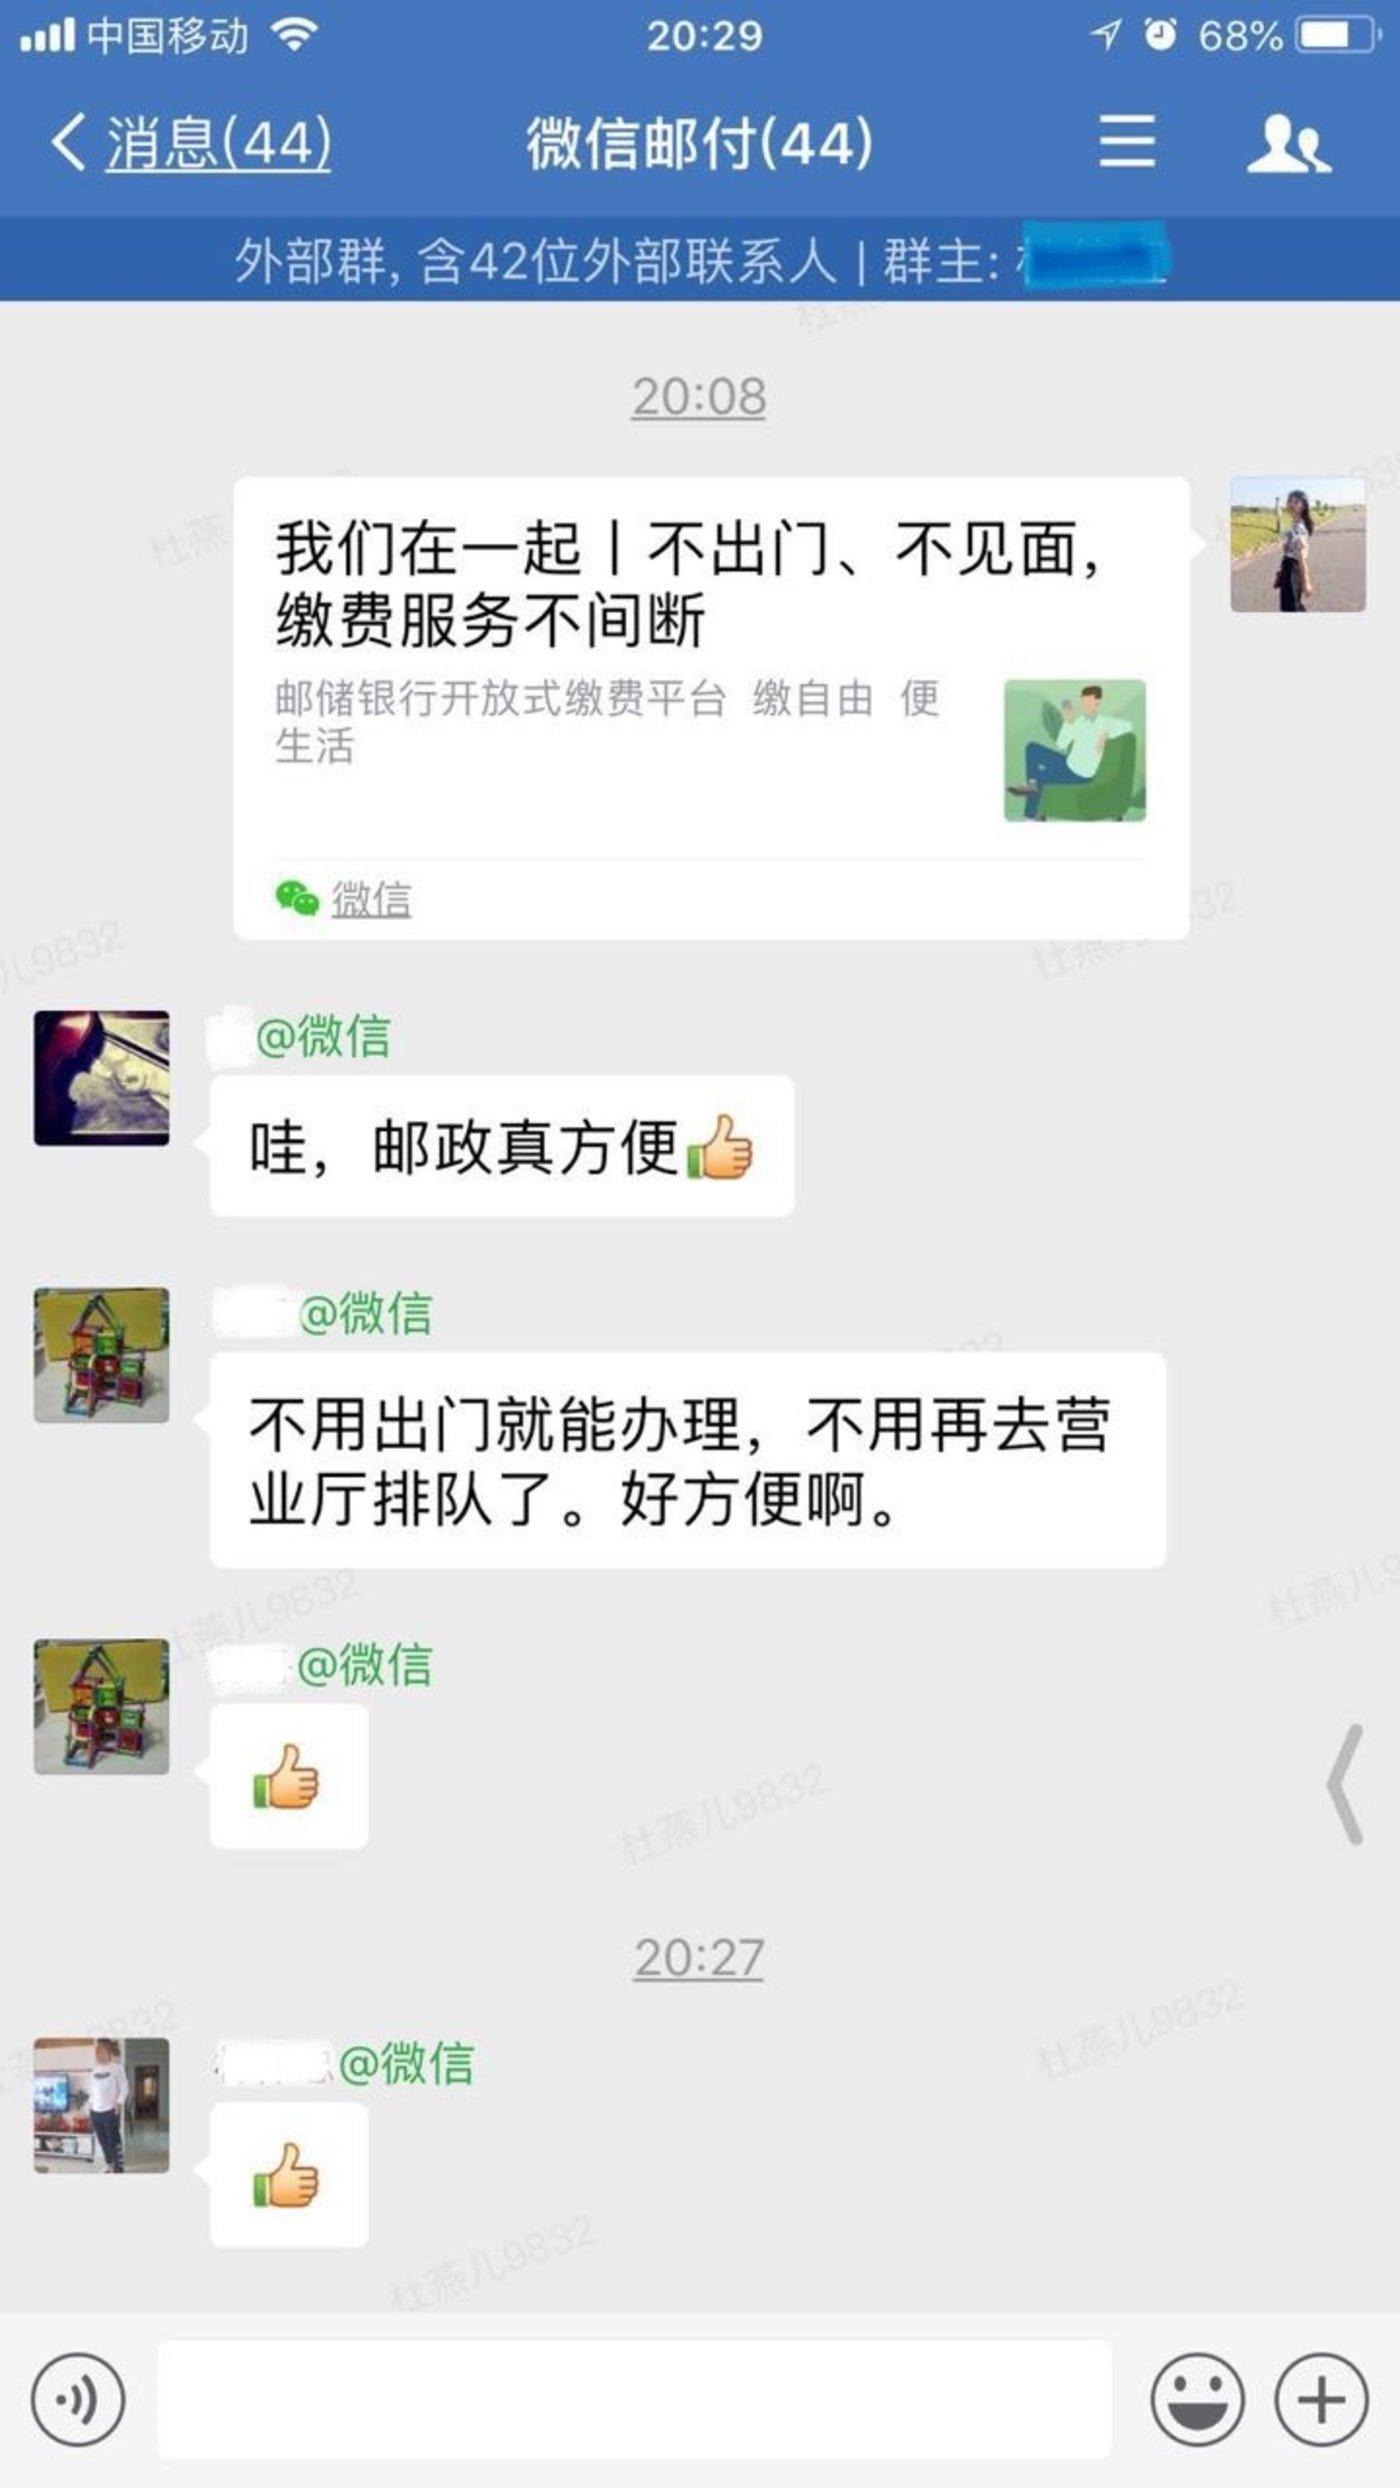 借助企业微信,广东邮政直接为客户提供服务